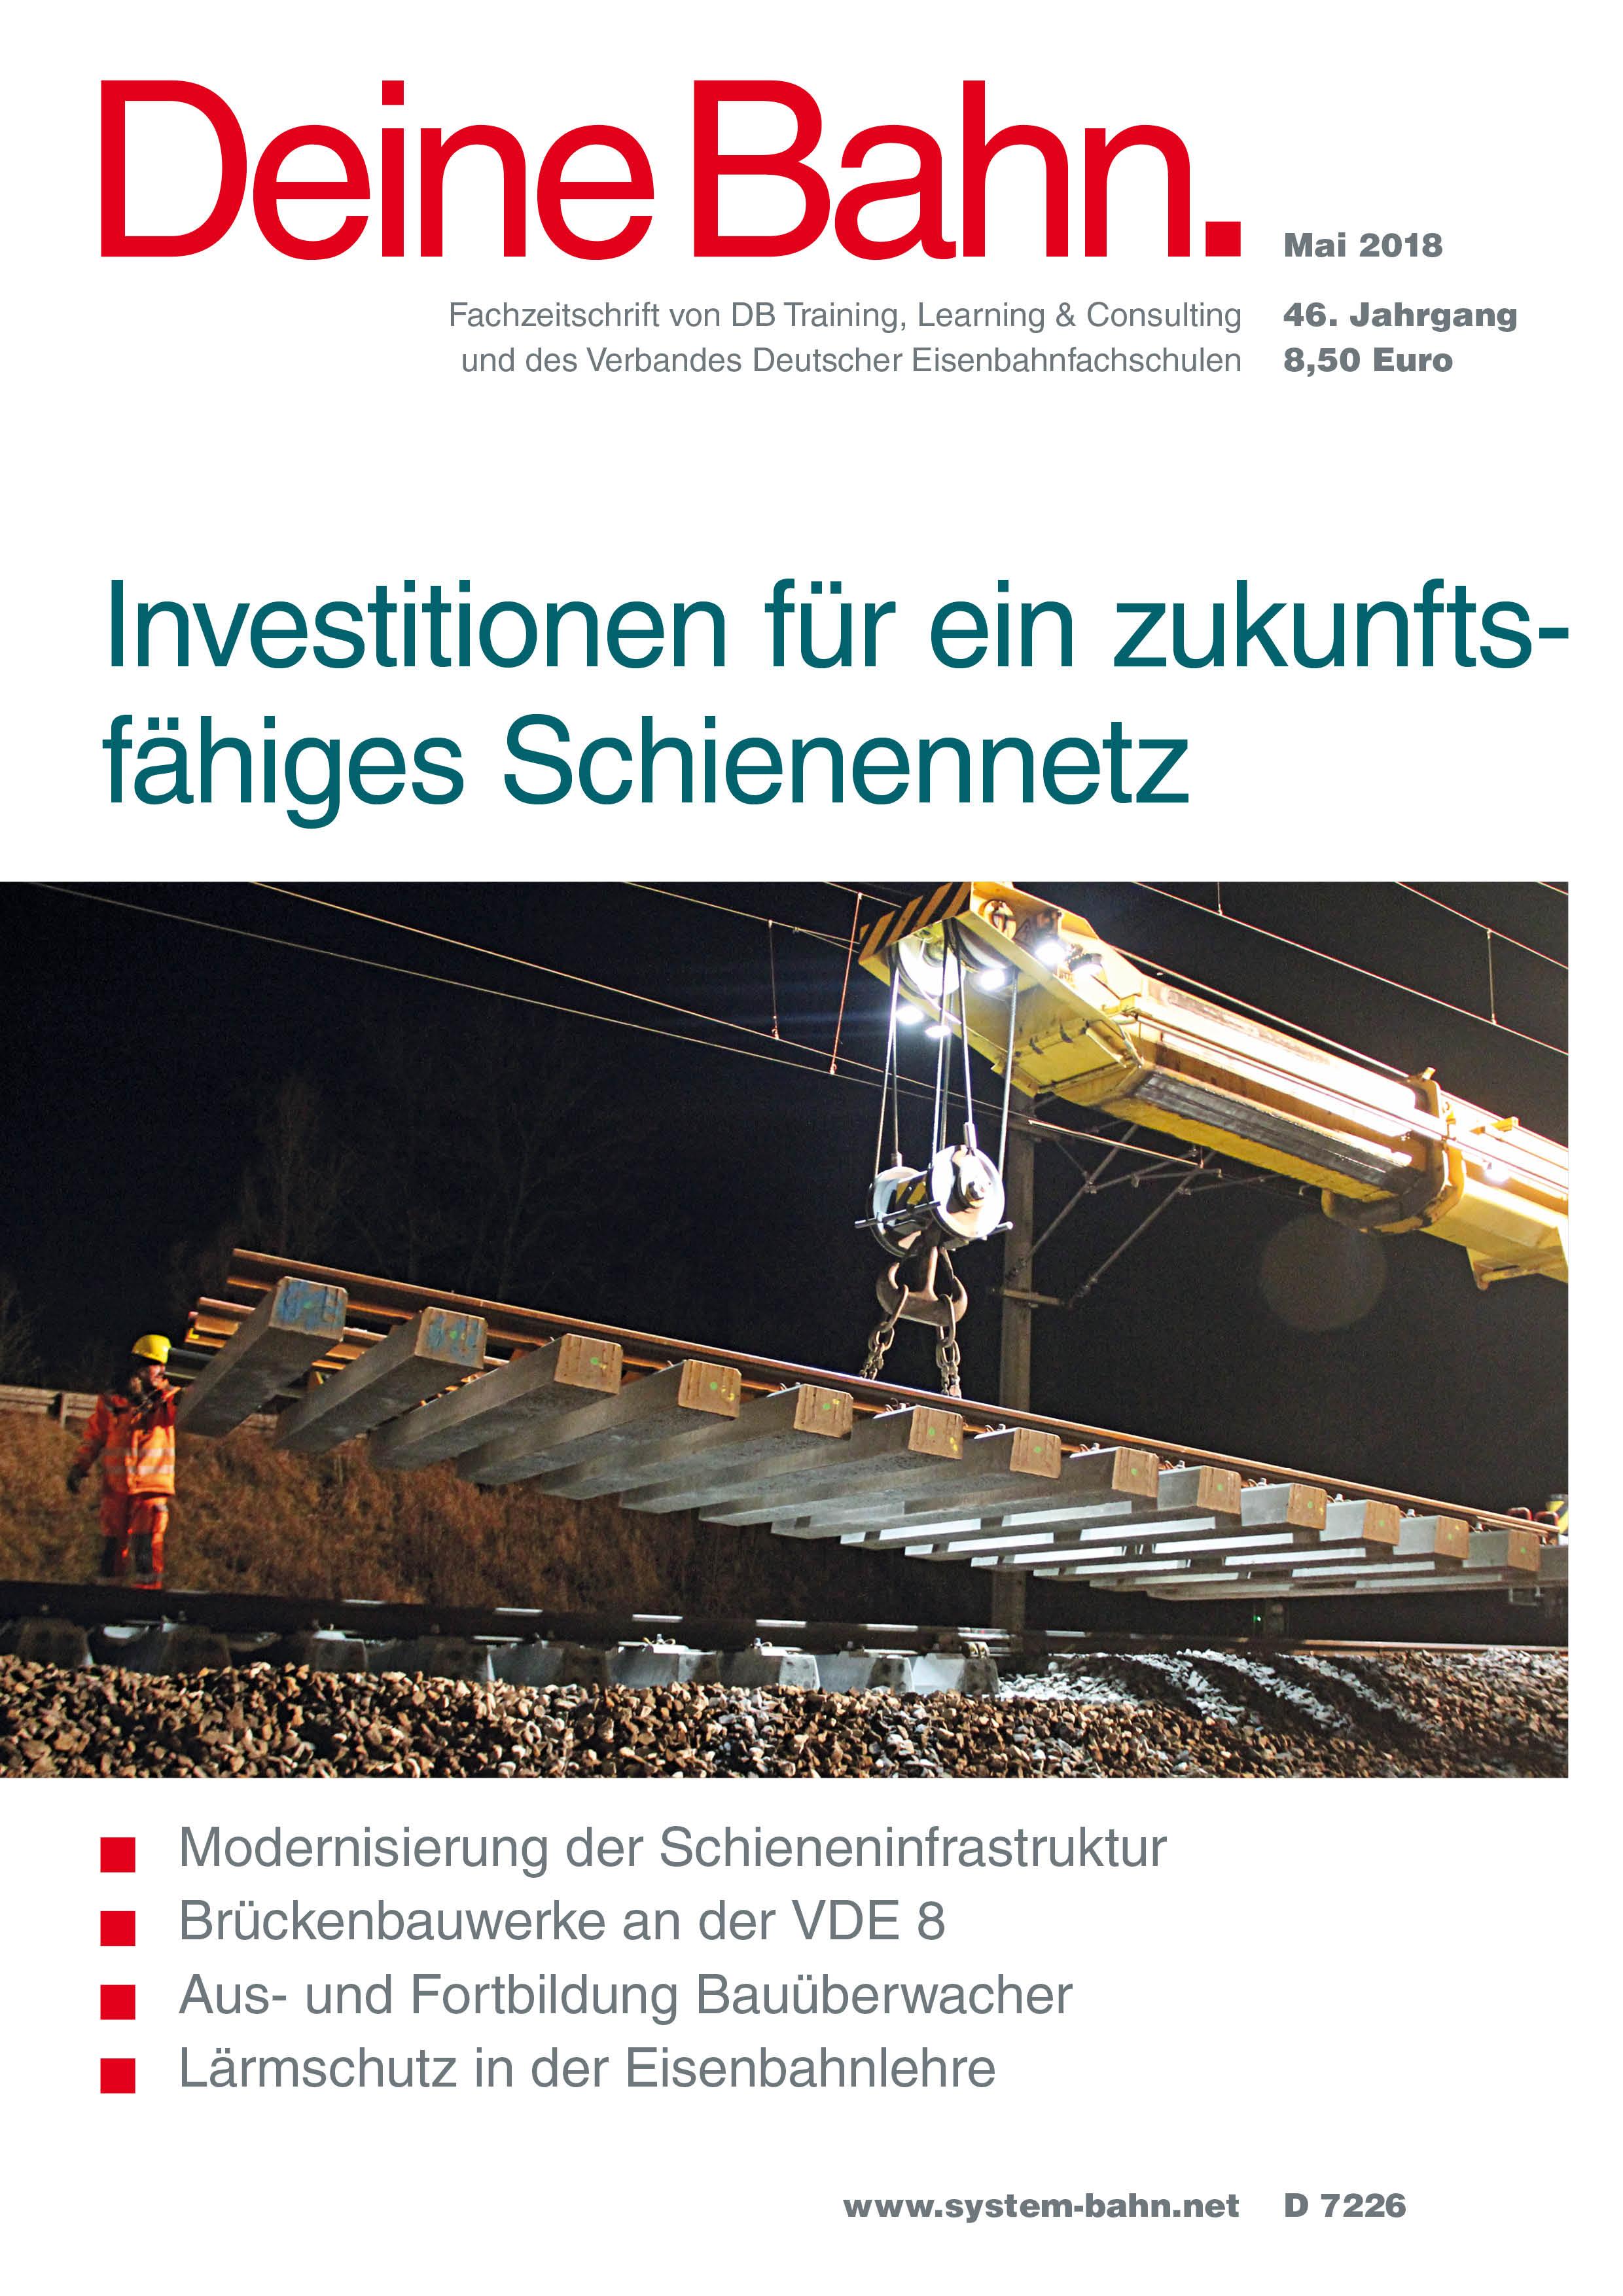 Archiv der Fachzeitschrift Deine Bahn - Fachportal SYSTEM||BAHN